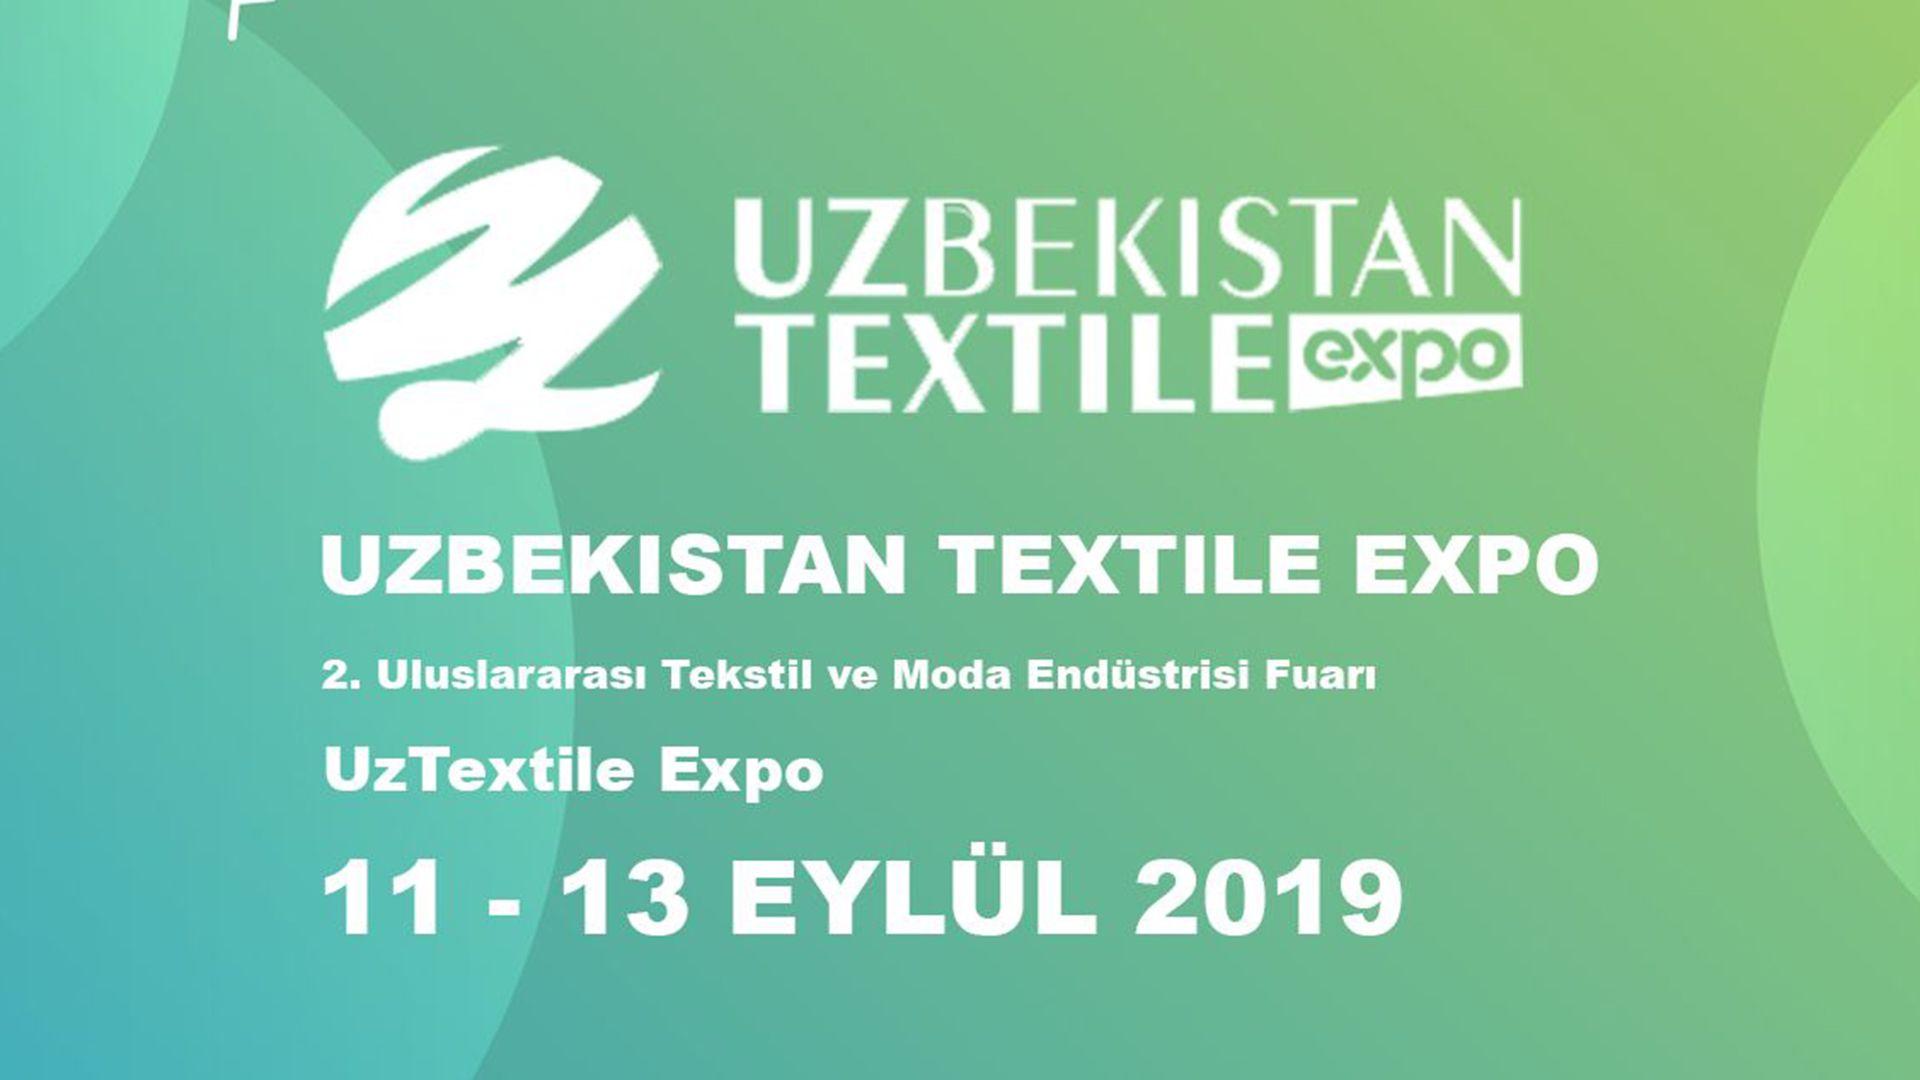 Uzbekistan Textile Expo - 11-13 September 2019 / 2. Uluslararası Tekstil ve Moda Endüstrisi Fuarı